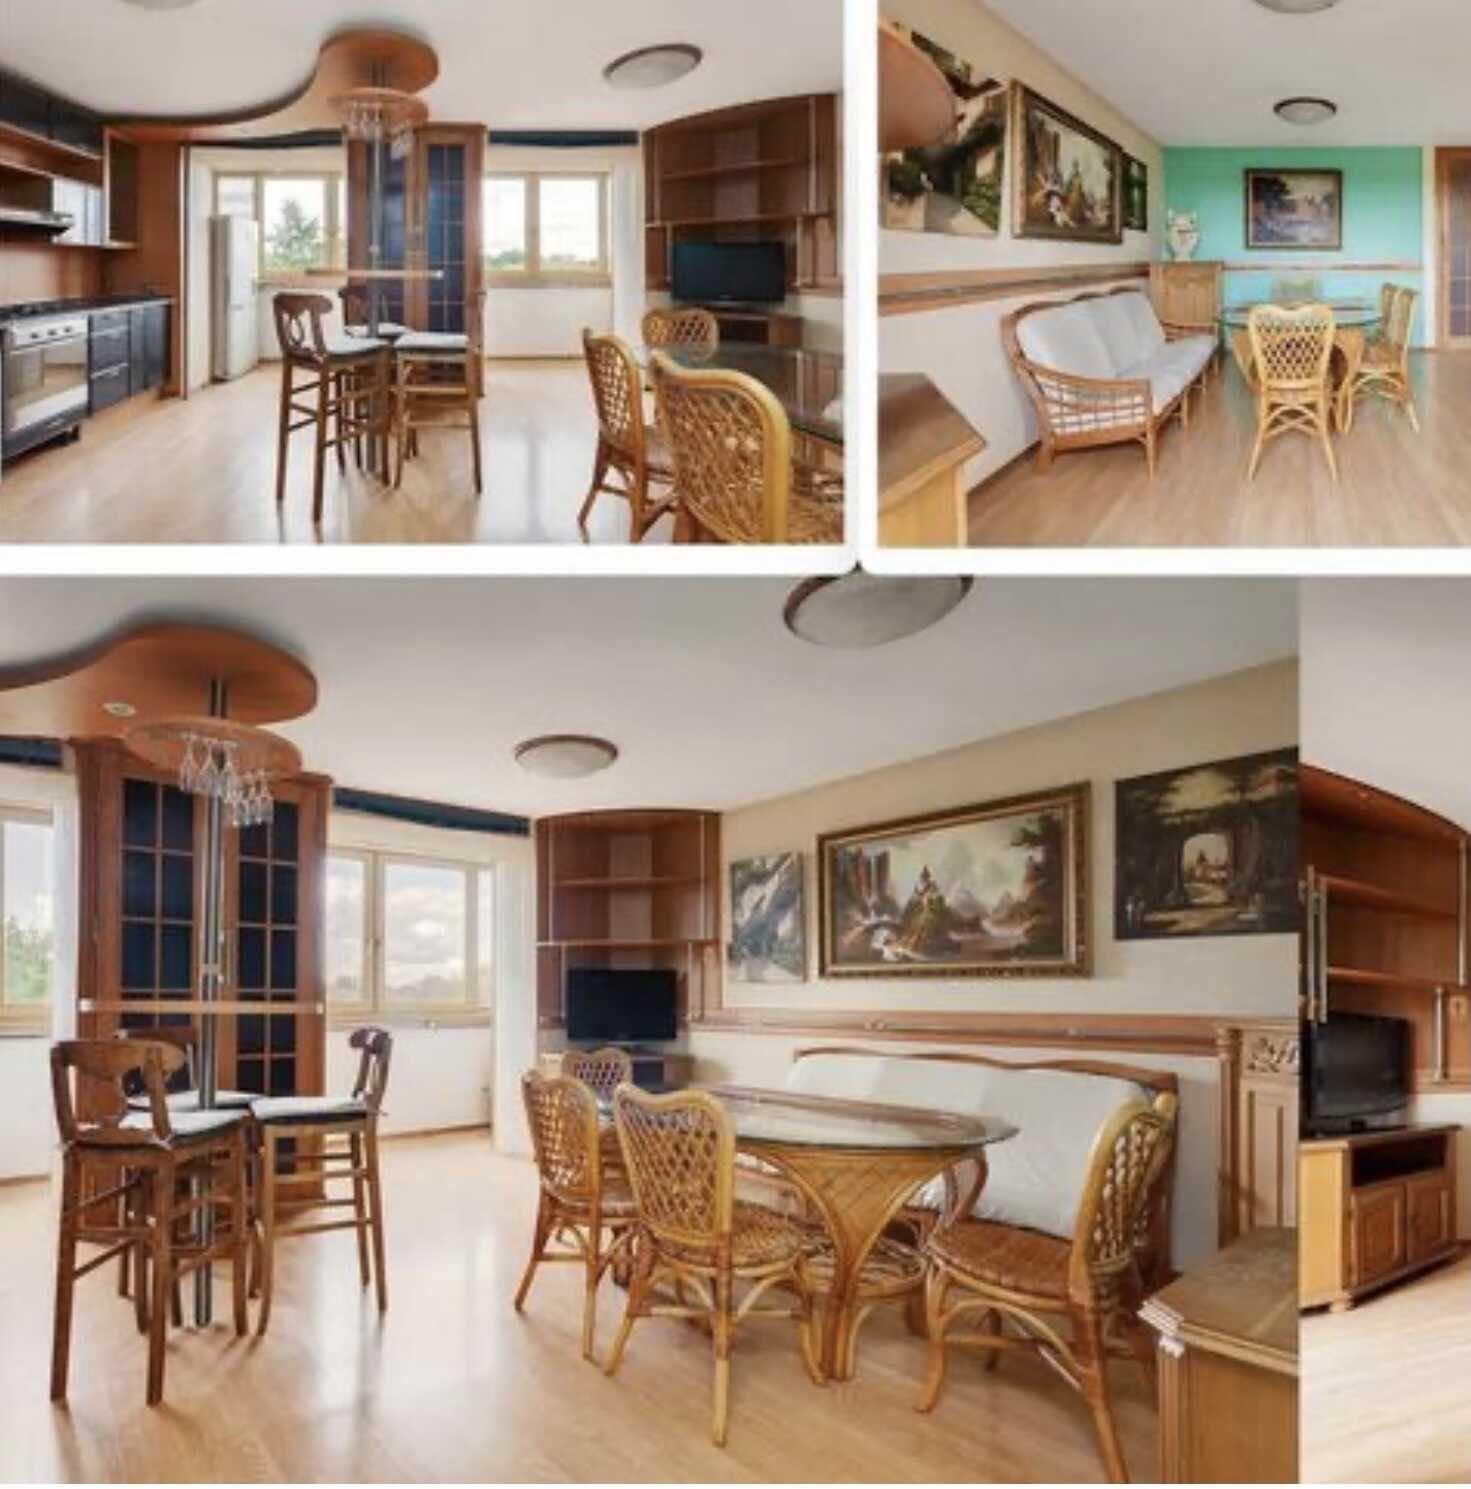 Уют и красота: Александр Серов показал, как выглядит его элитная квартира